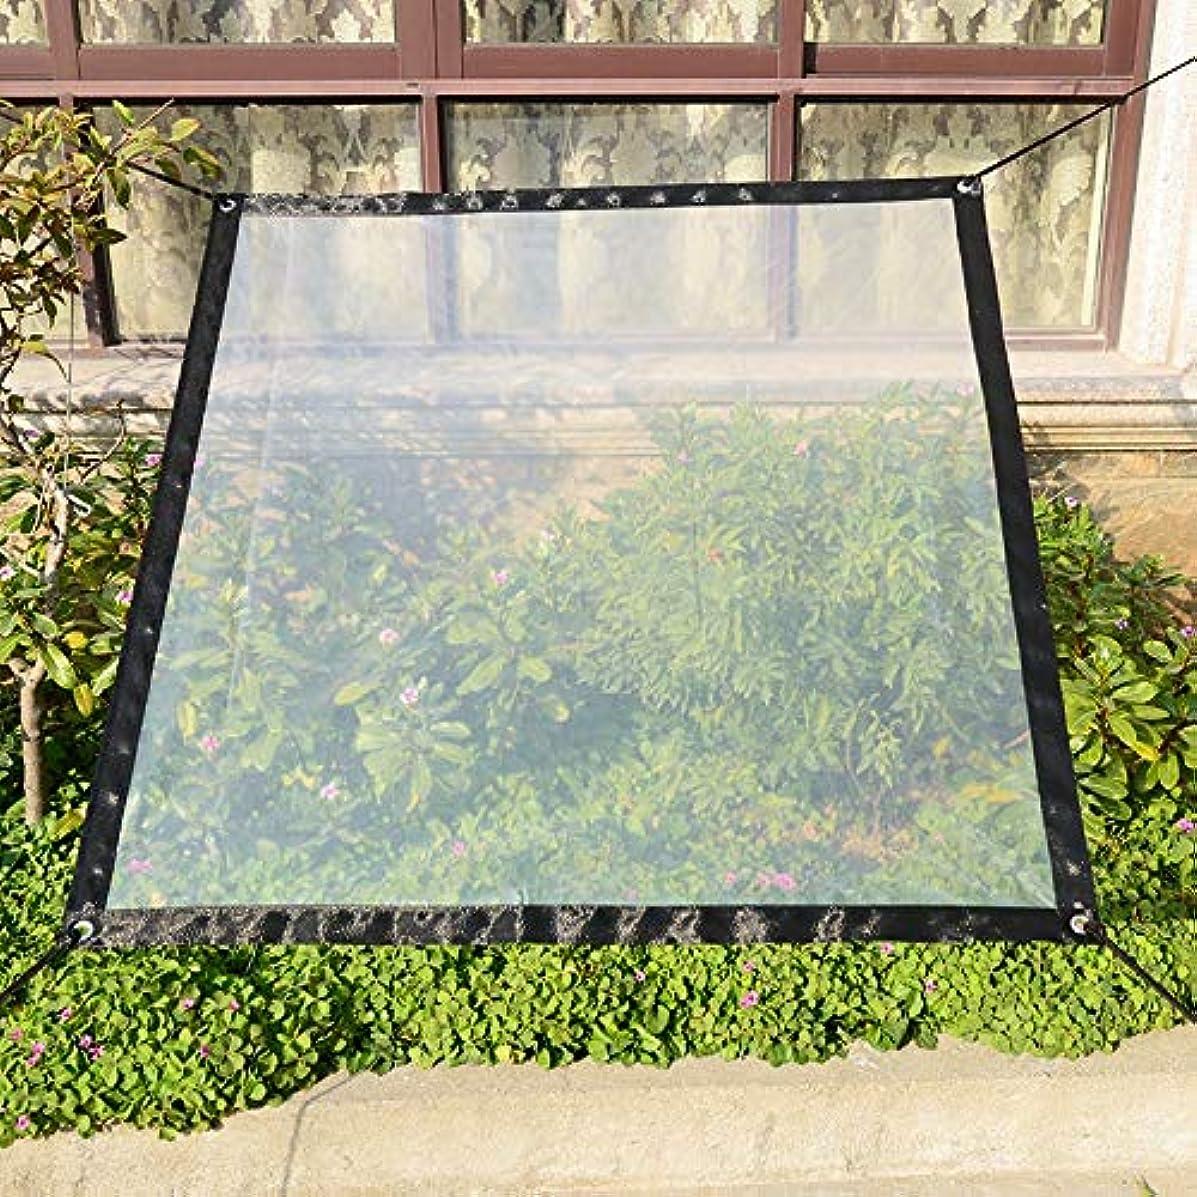 血色の良いルートイサカ園芸のバルコニーの絶縁材のための透明で厚いプラスチックフィルムの凍結防止の防雨性の鳥の防止の日よけの風防ガラスの布